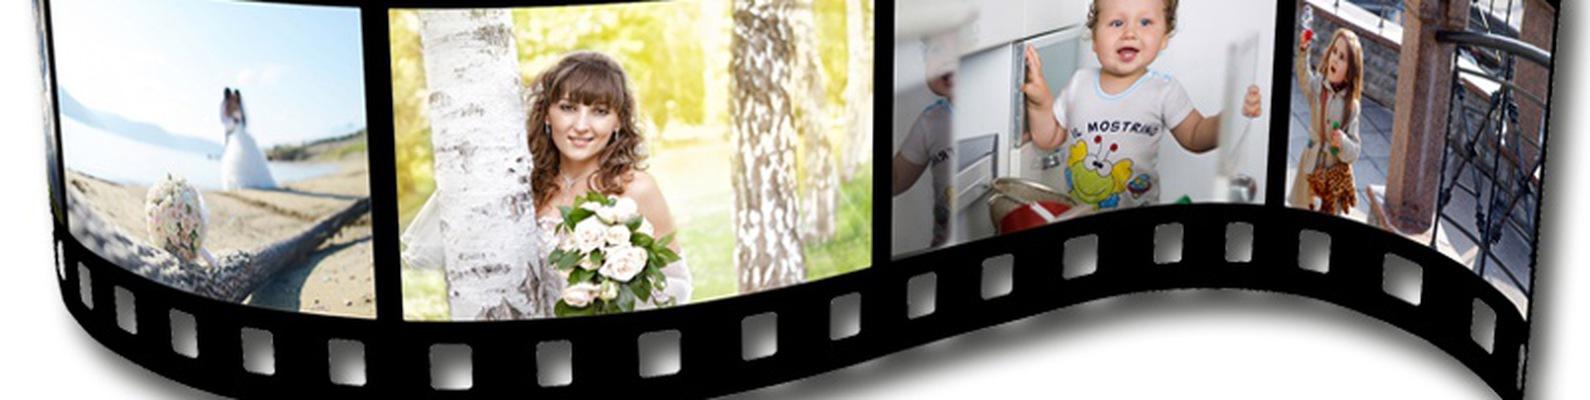 услуга слайд шоу из фотографий в красногорске рекомендуется красить кафель